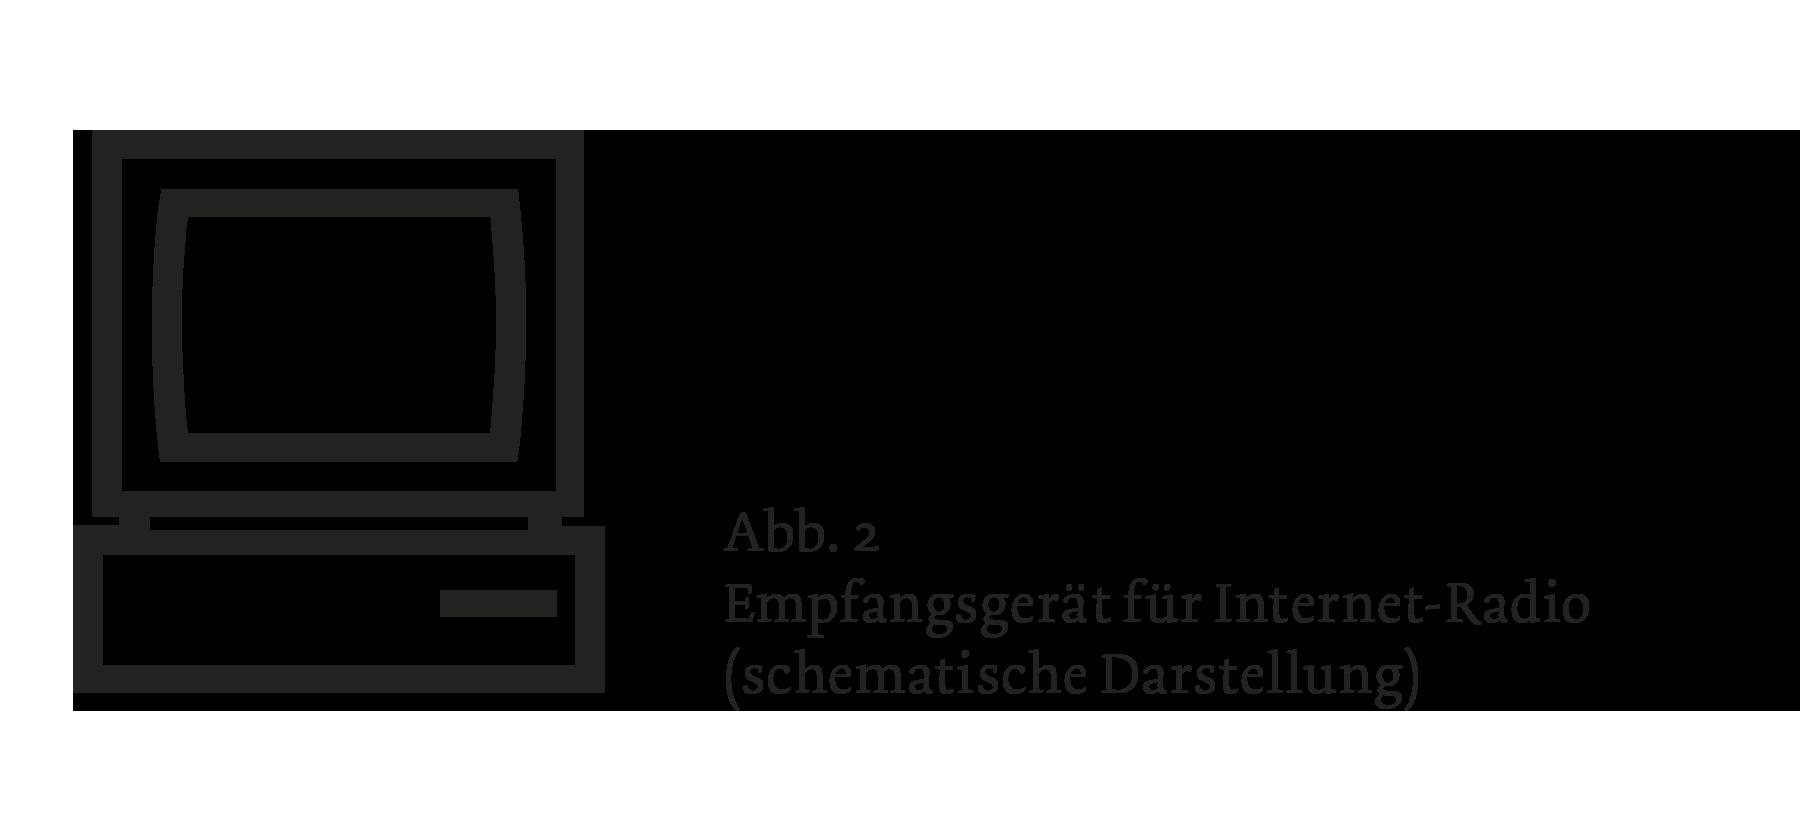 Das Bild zeigt ein standardisiertes Icon für einen Desktop-Computer mit dem zusätzlichen Text:  Abb.2 Empfangsgerät für Internet-Radio (schematische Darstellung)